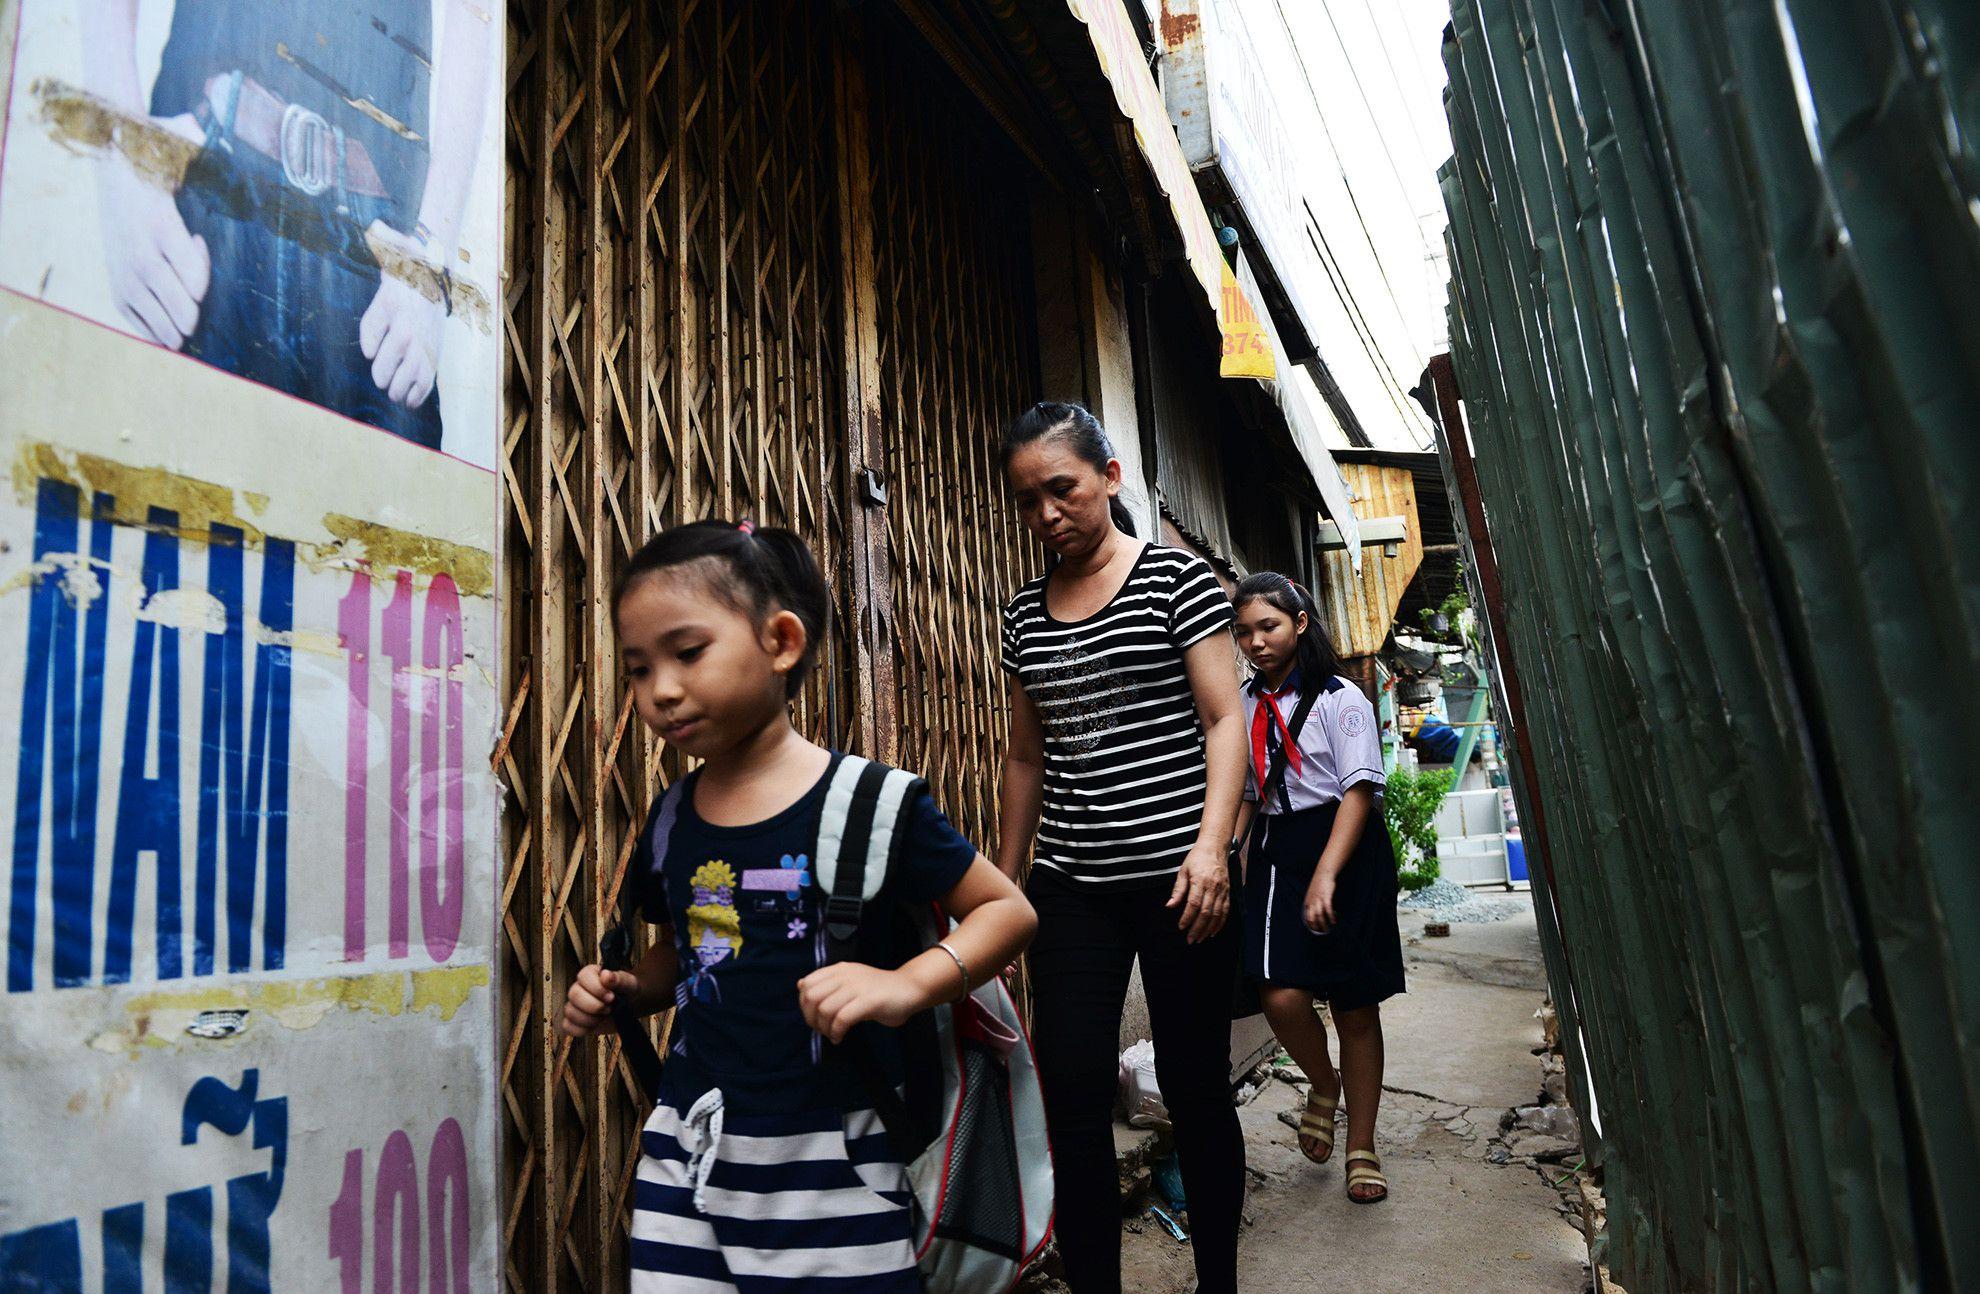 Cuối năm, lô cốt lại mọc lên khắp đường Sài Gòn Ảnh 4